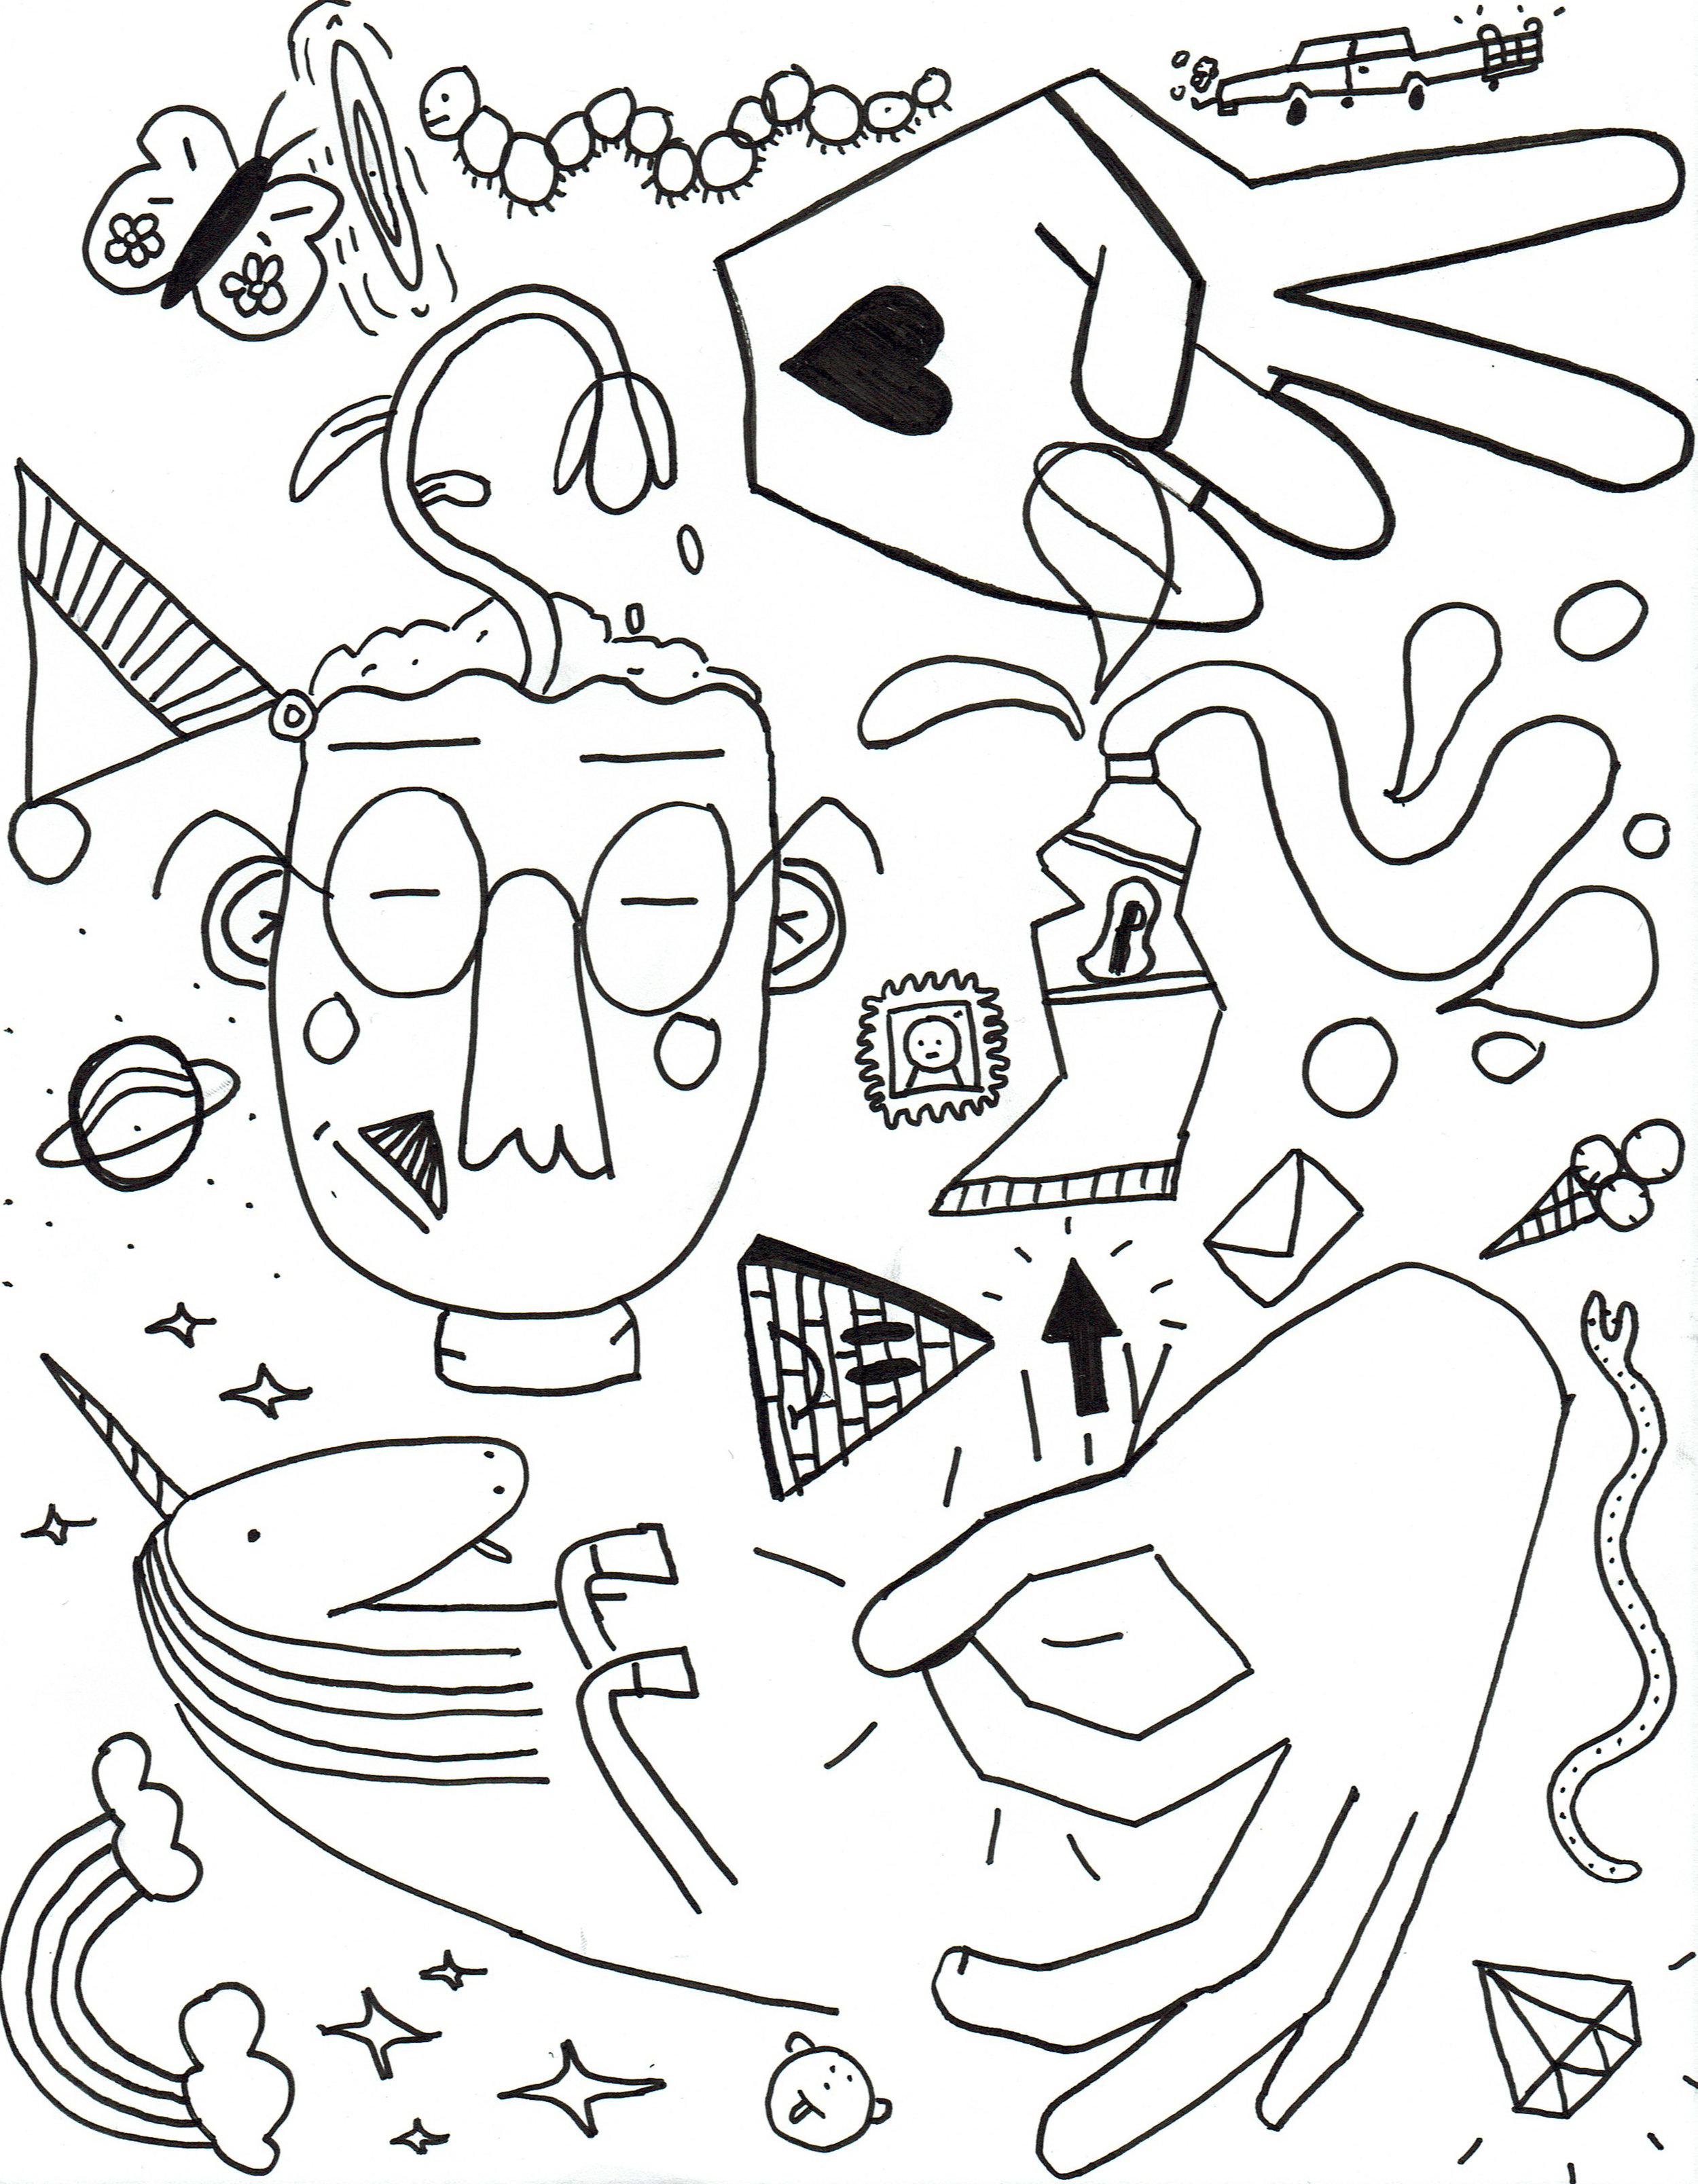 doodlepage.jpg